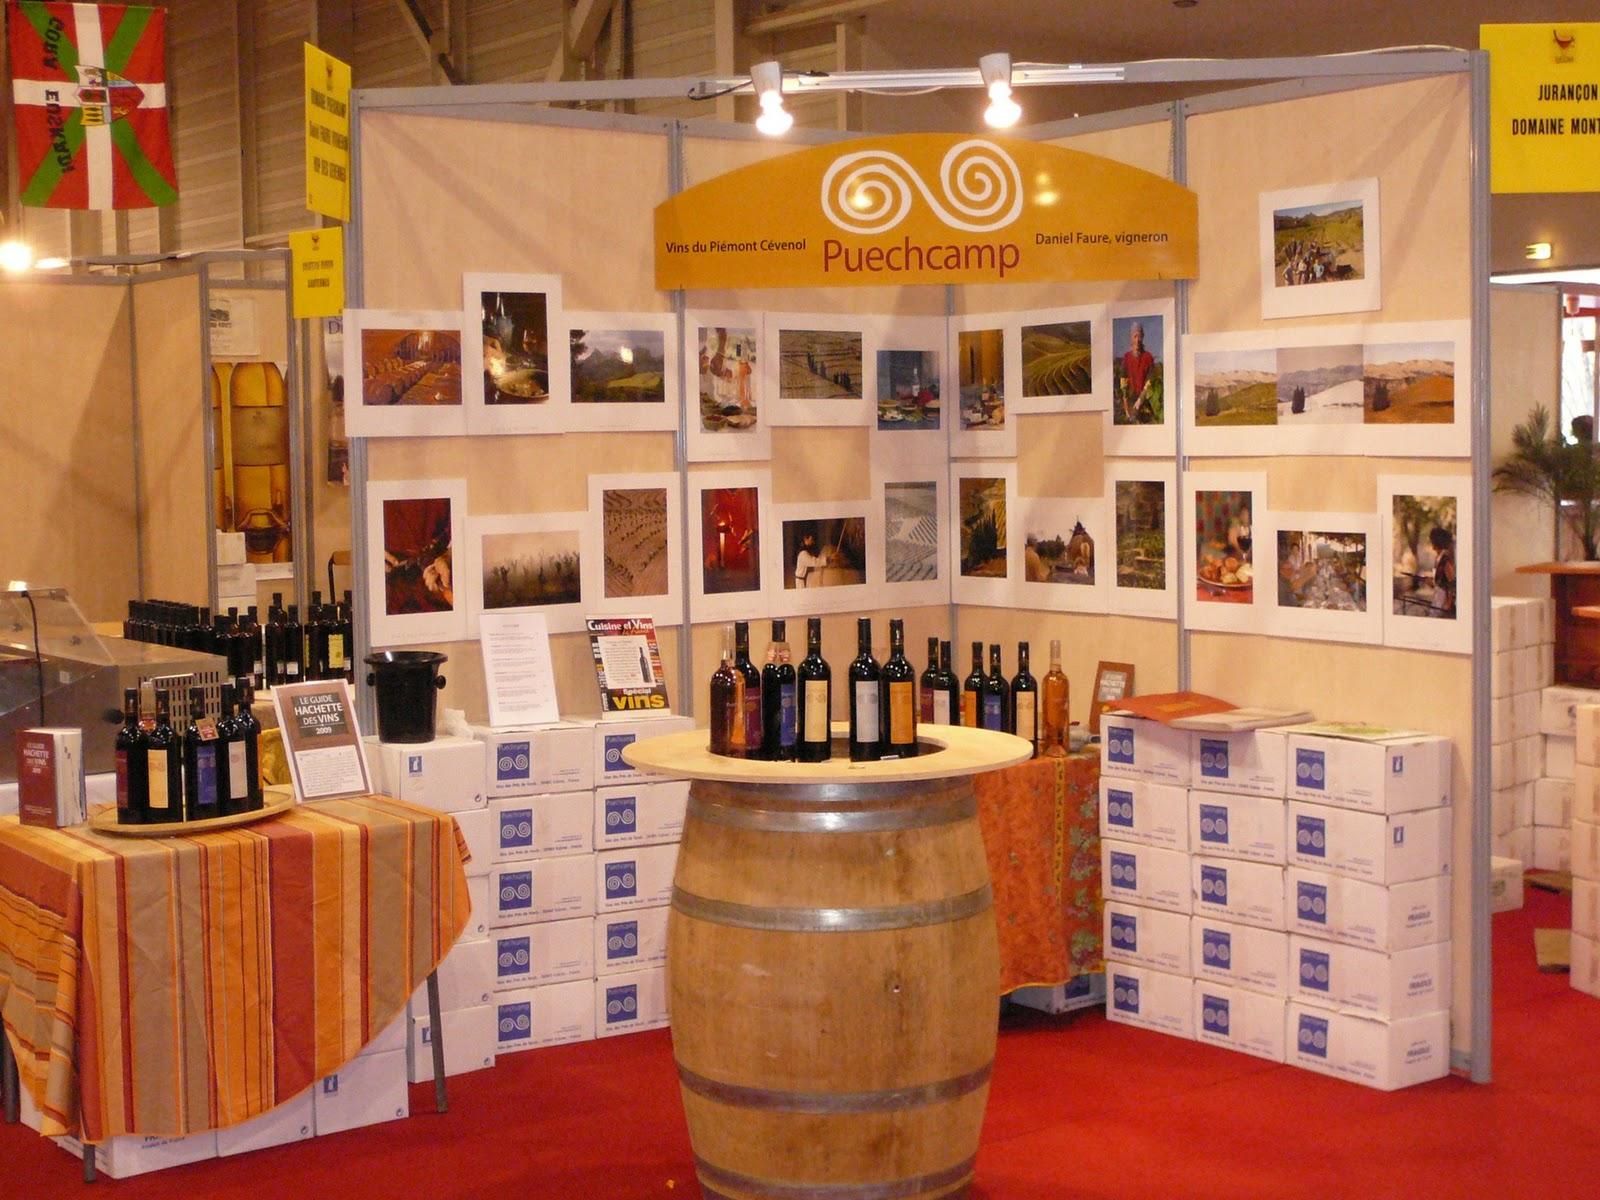 Puechcamp vivre le vin rendez vous aux foires aux vins for Stand de degustation